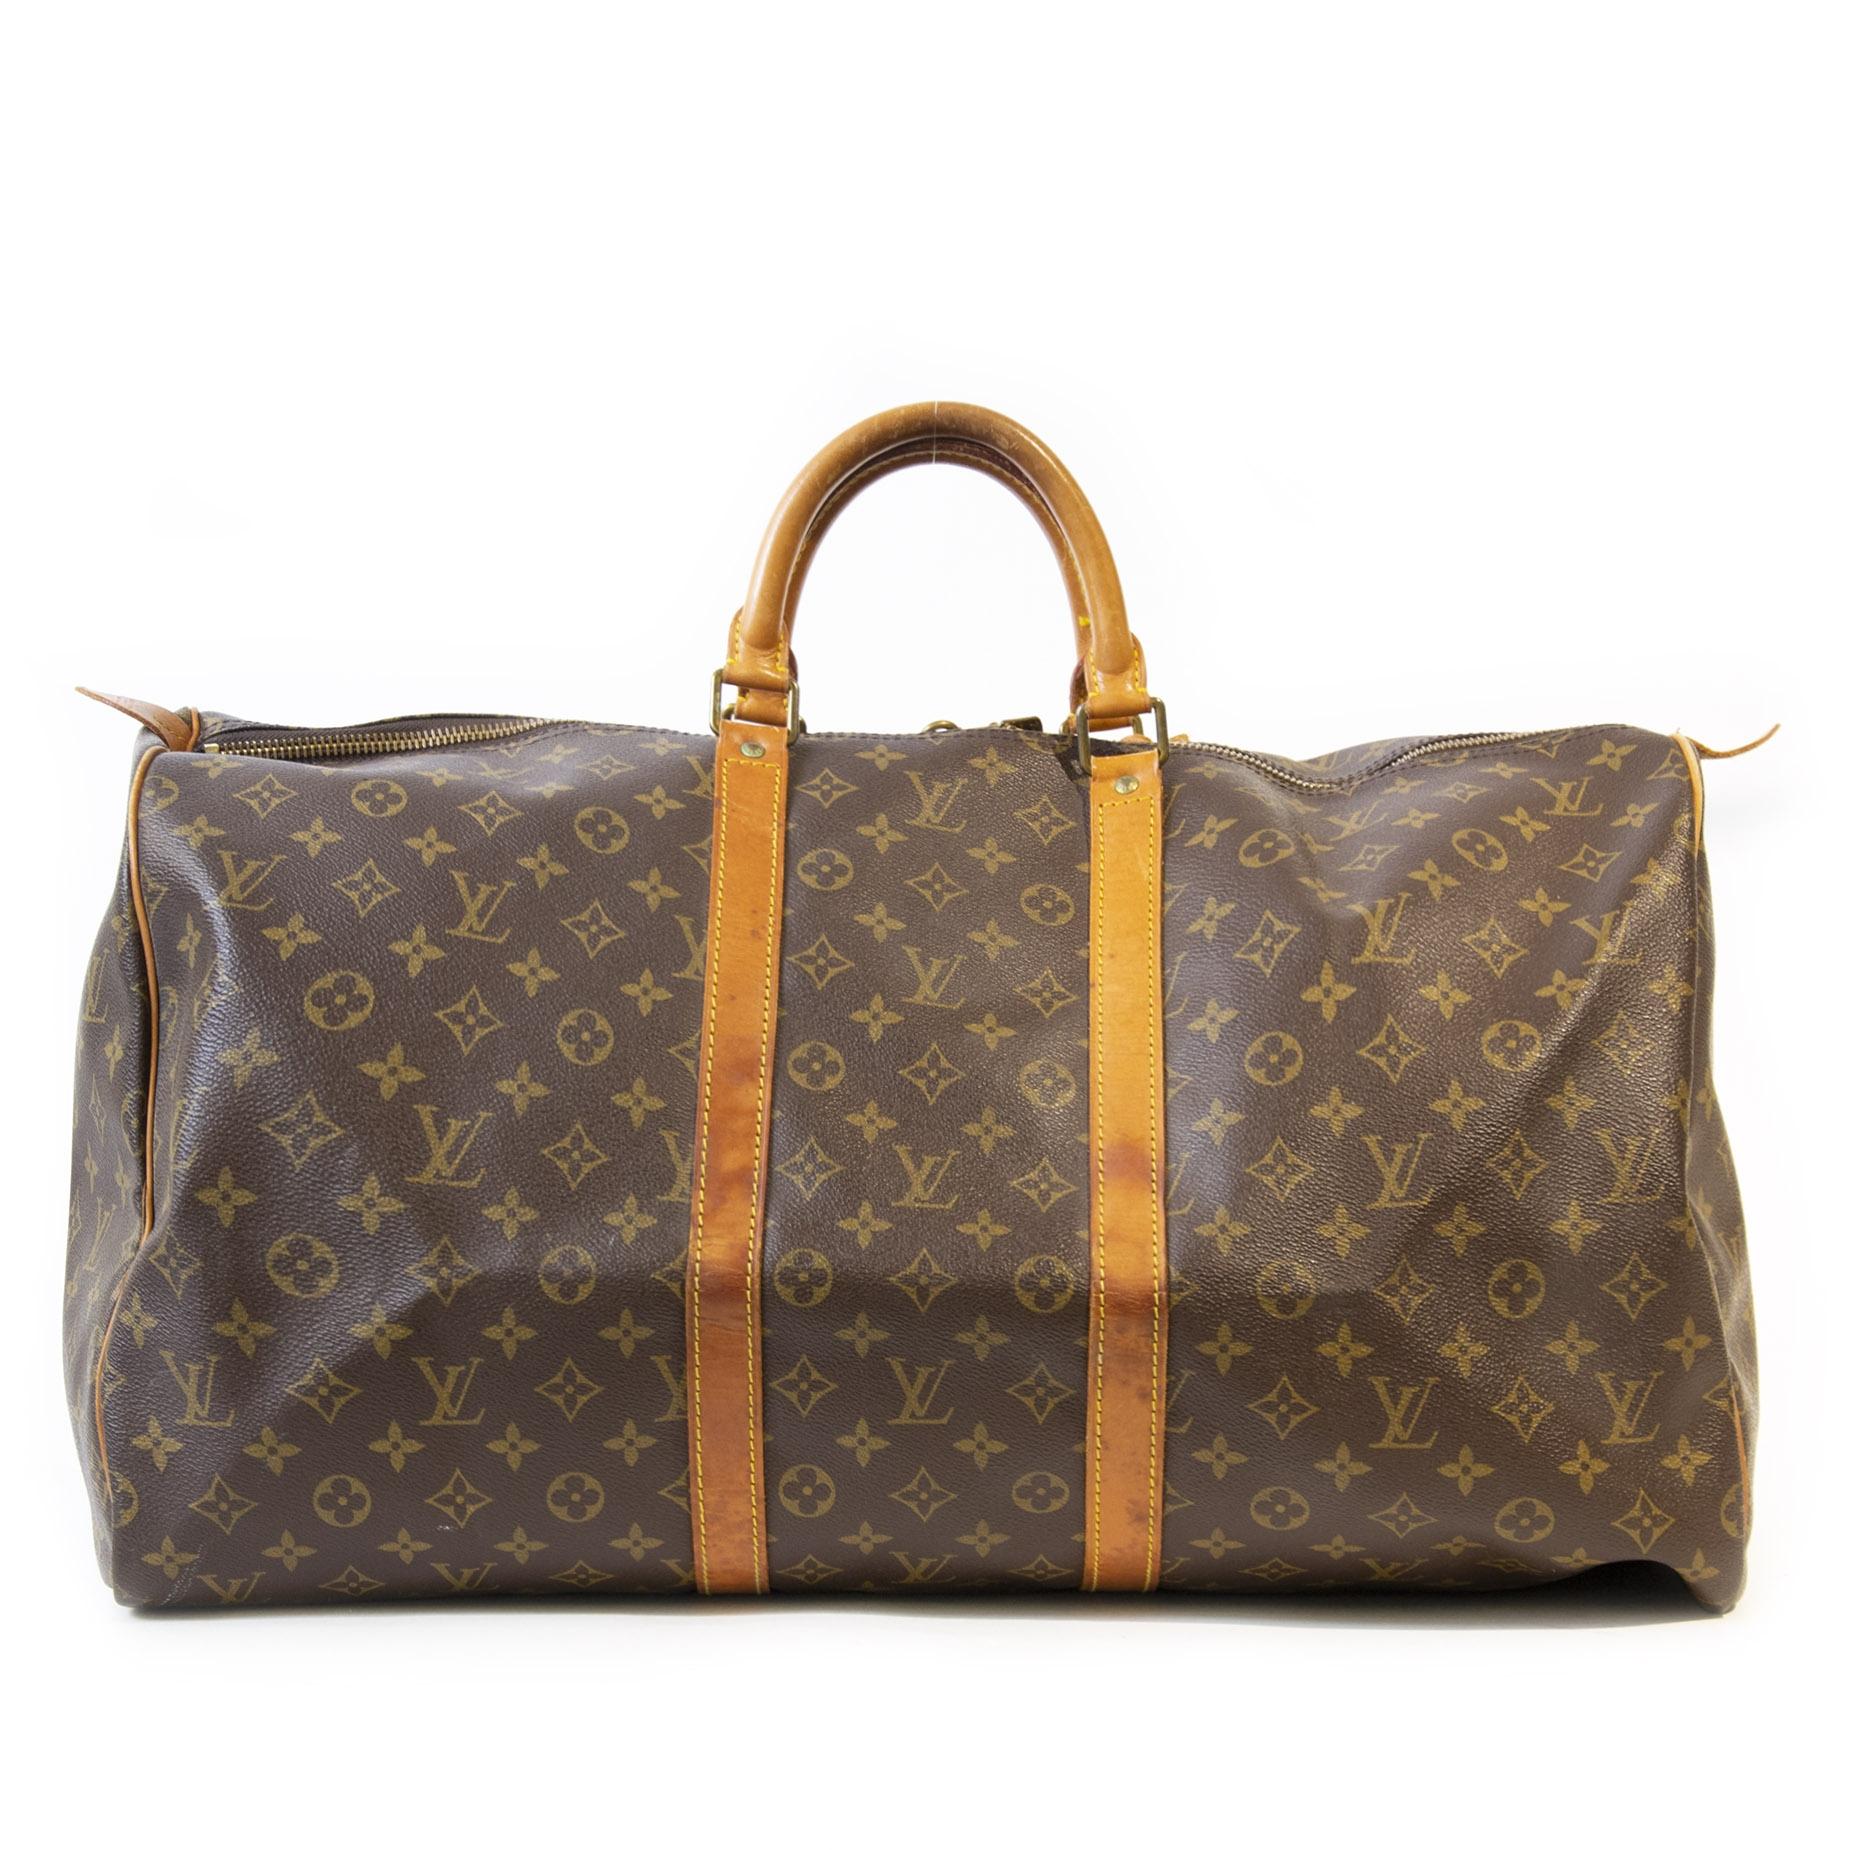 Authentieke Tweedehands Louis Vuitton Monogram Keepall 55 juiste prijs veilig online shoppen luxe merken webshop winkelen Antwerpen België